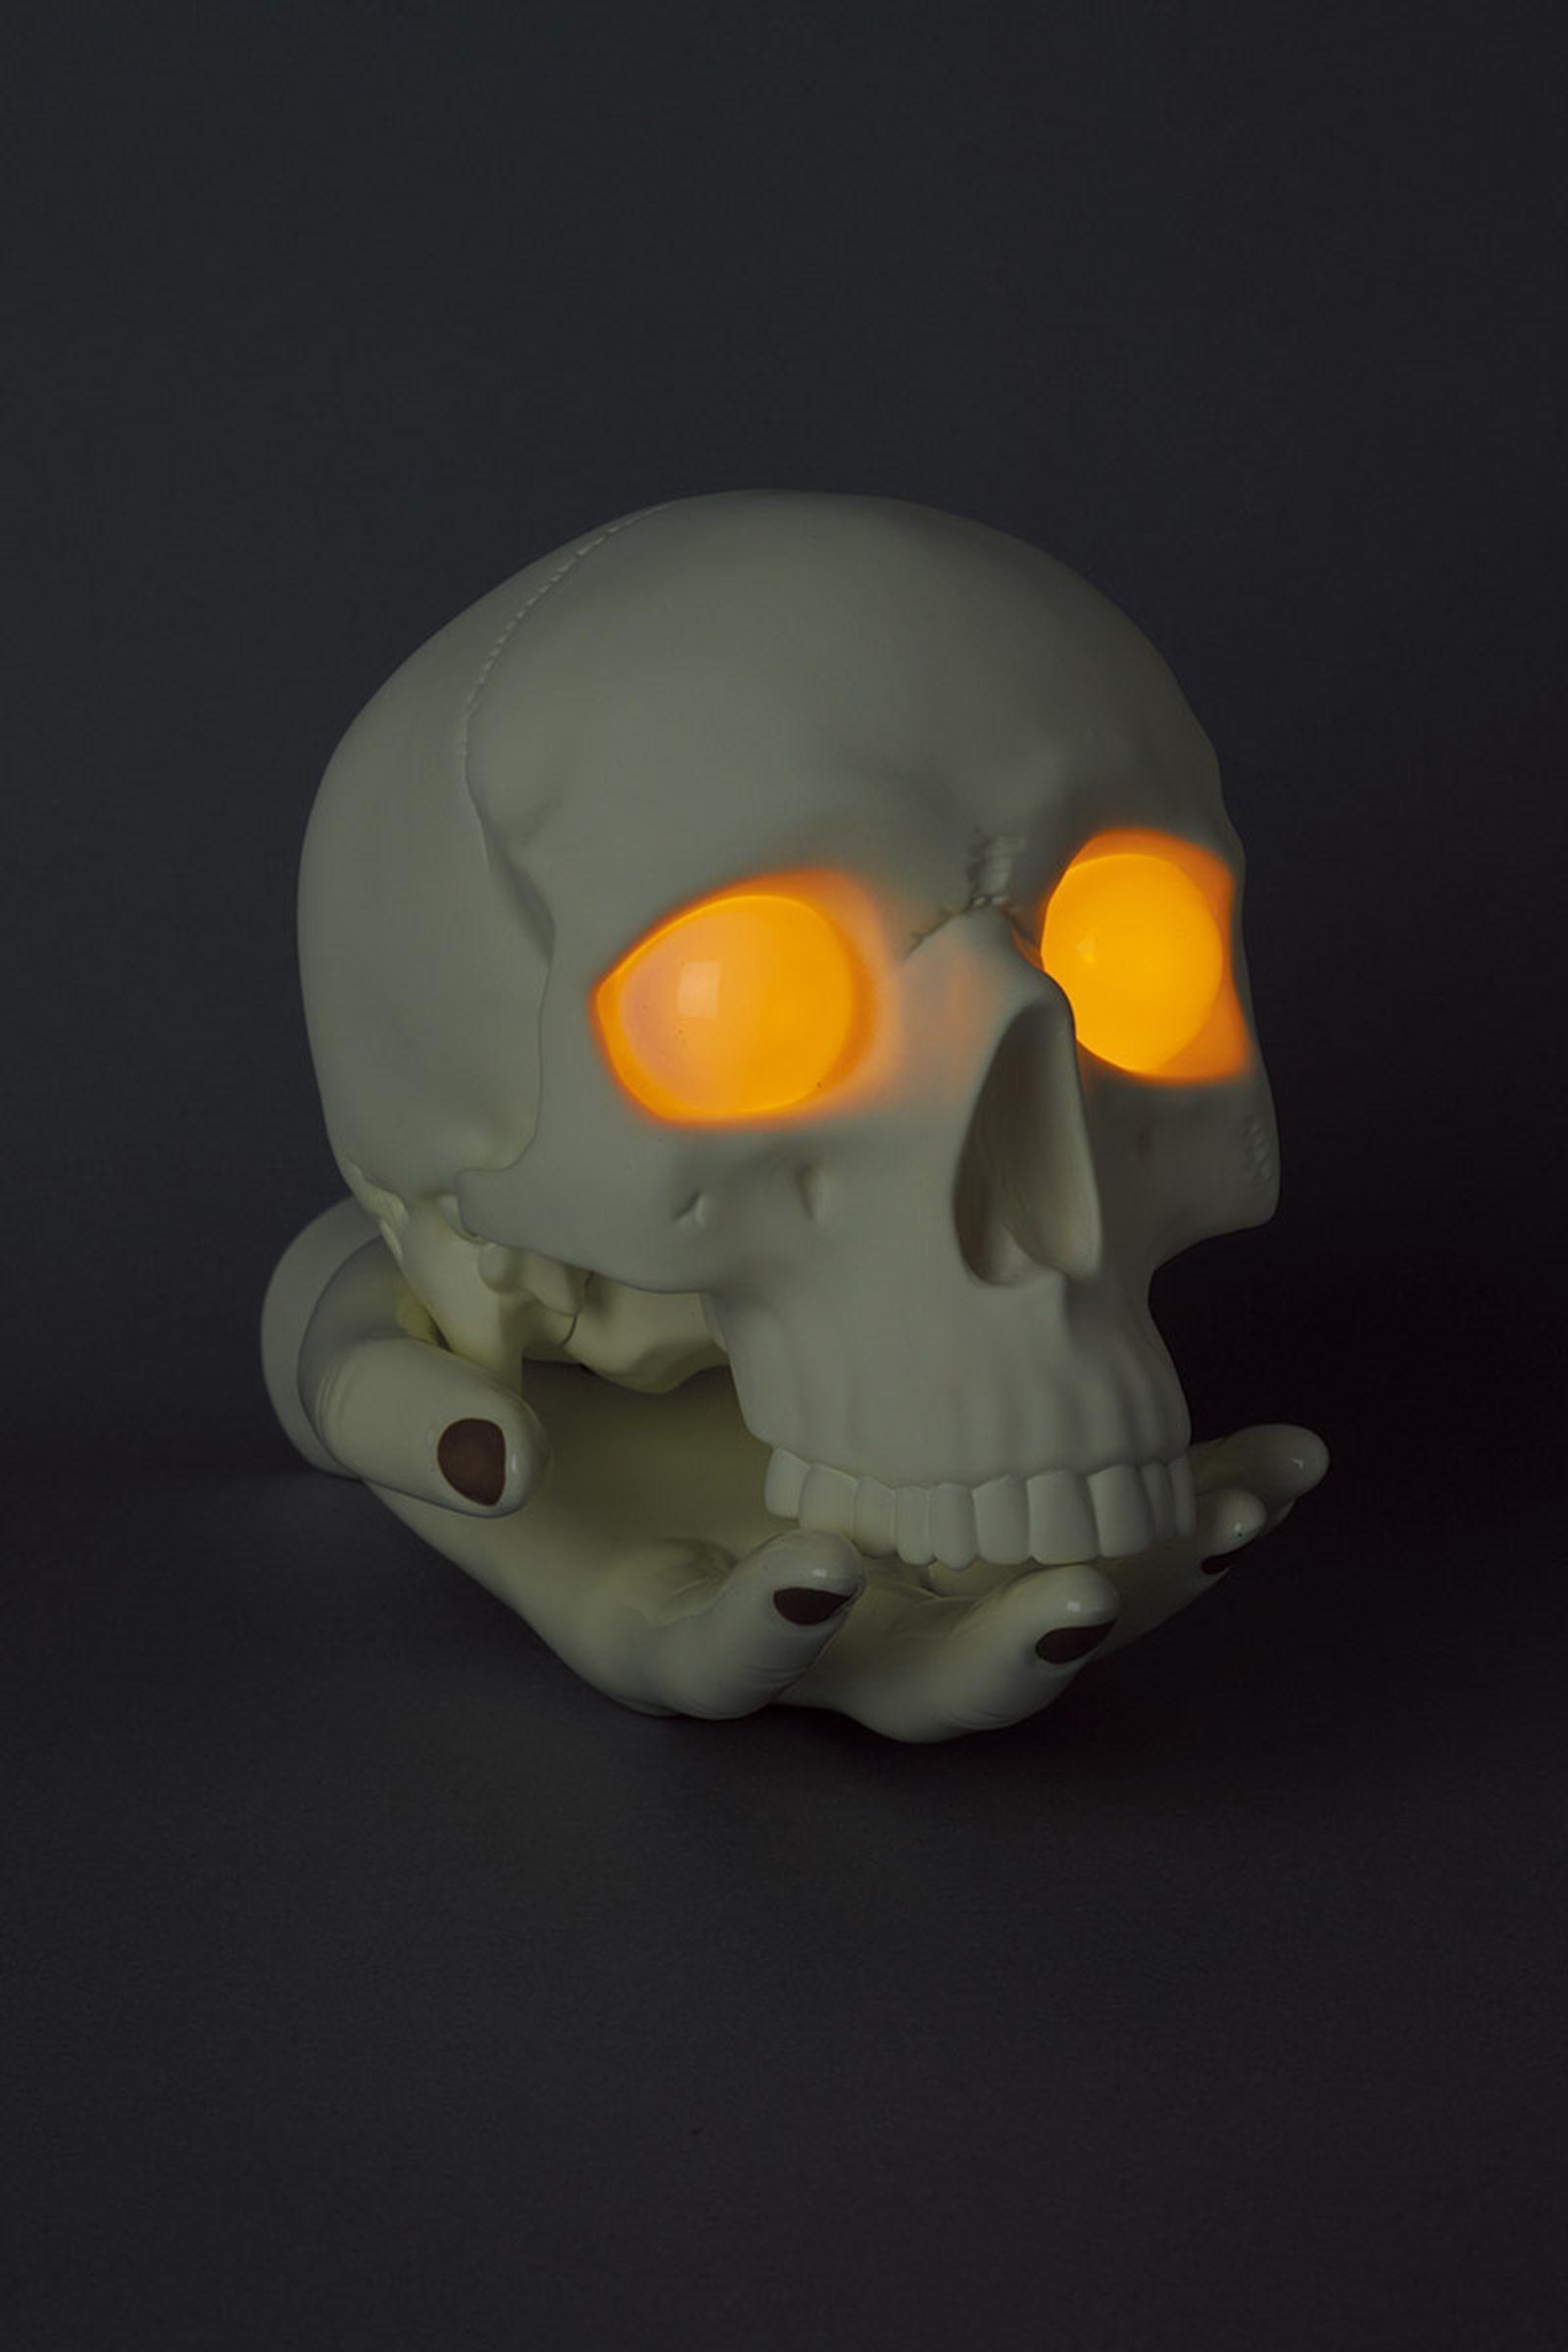 undercover-p-m-usher-spooky-season-skull-lamp-06